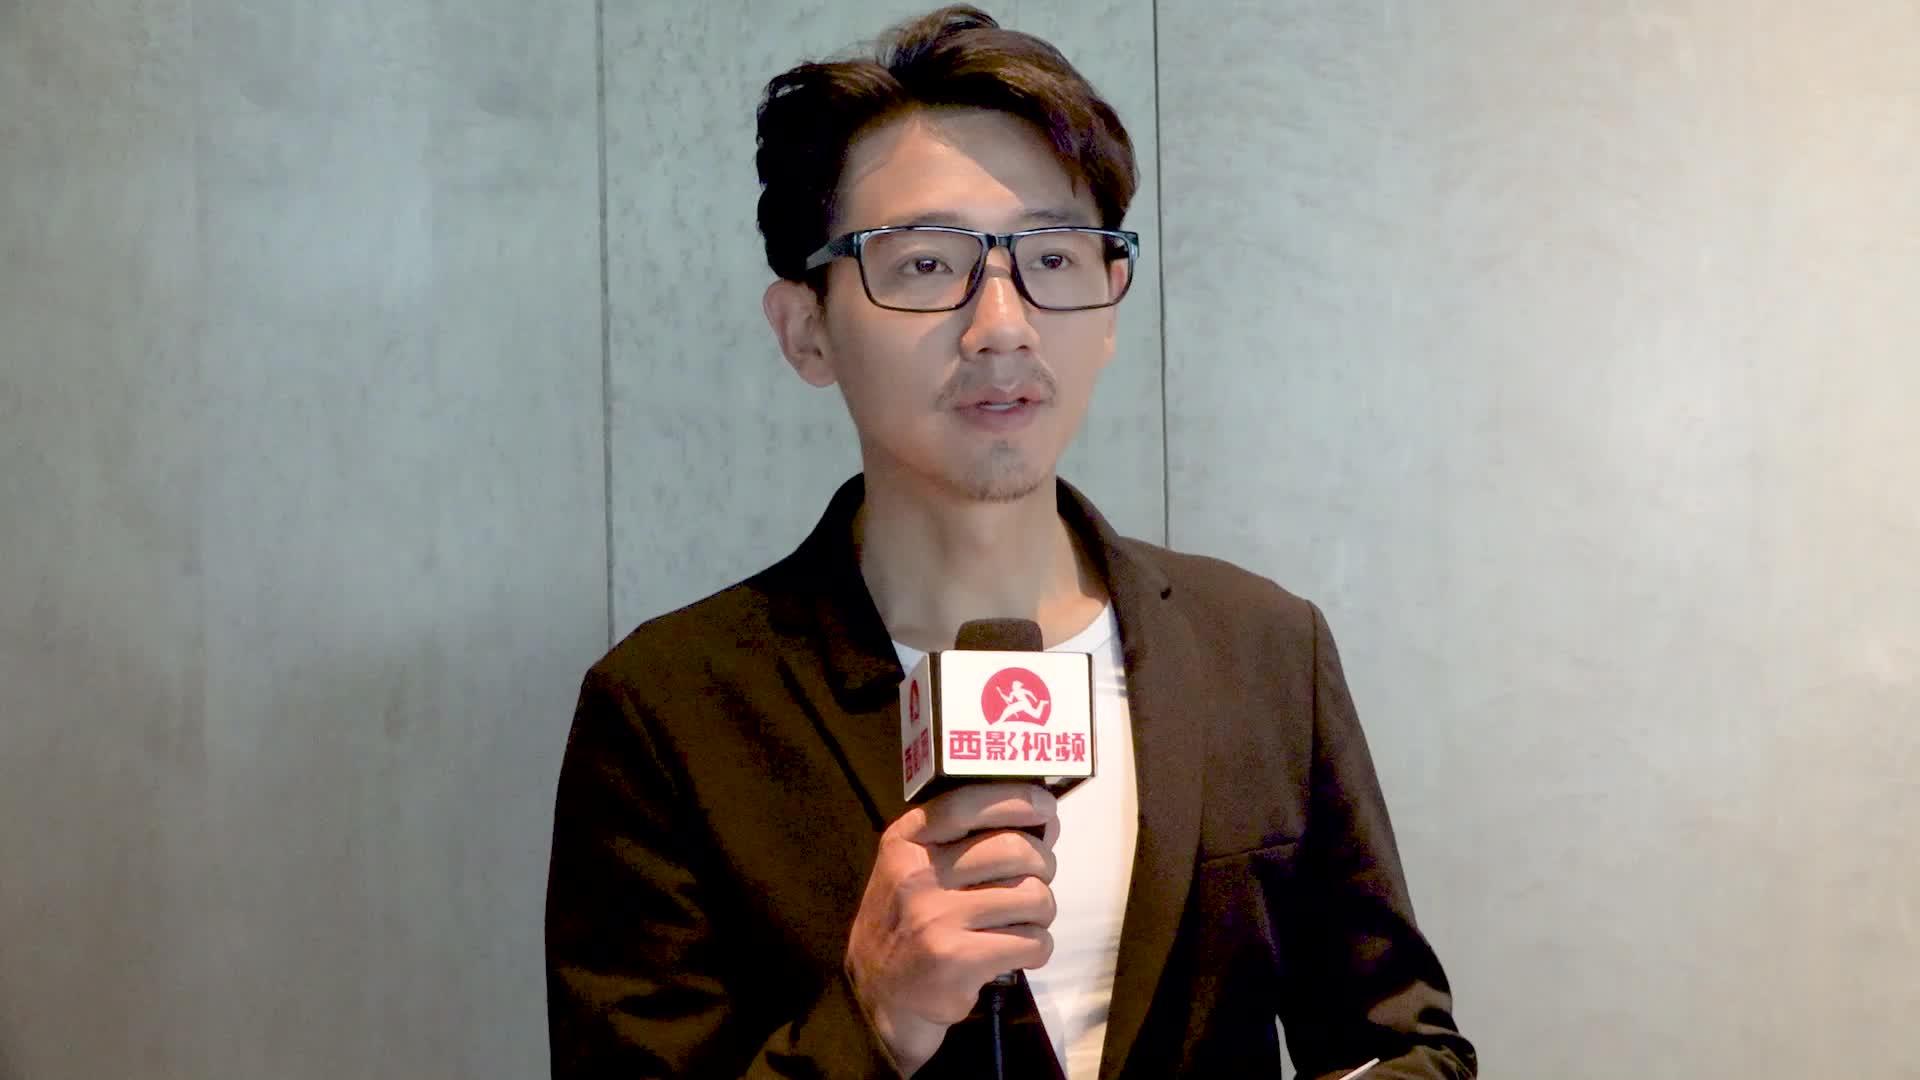 《永远是少年》亮相丝路国际电影节 主演李仓卯分享其角色特征